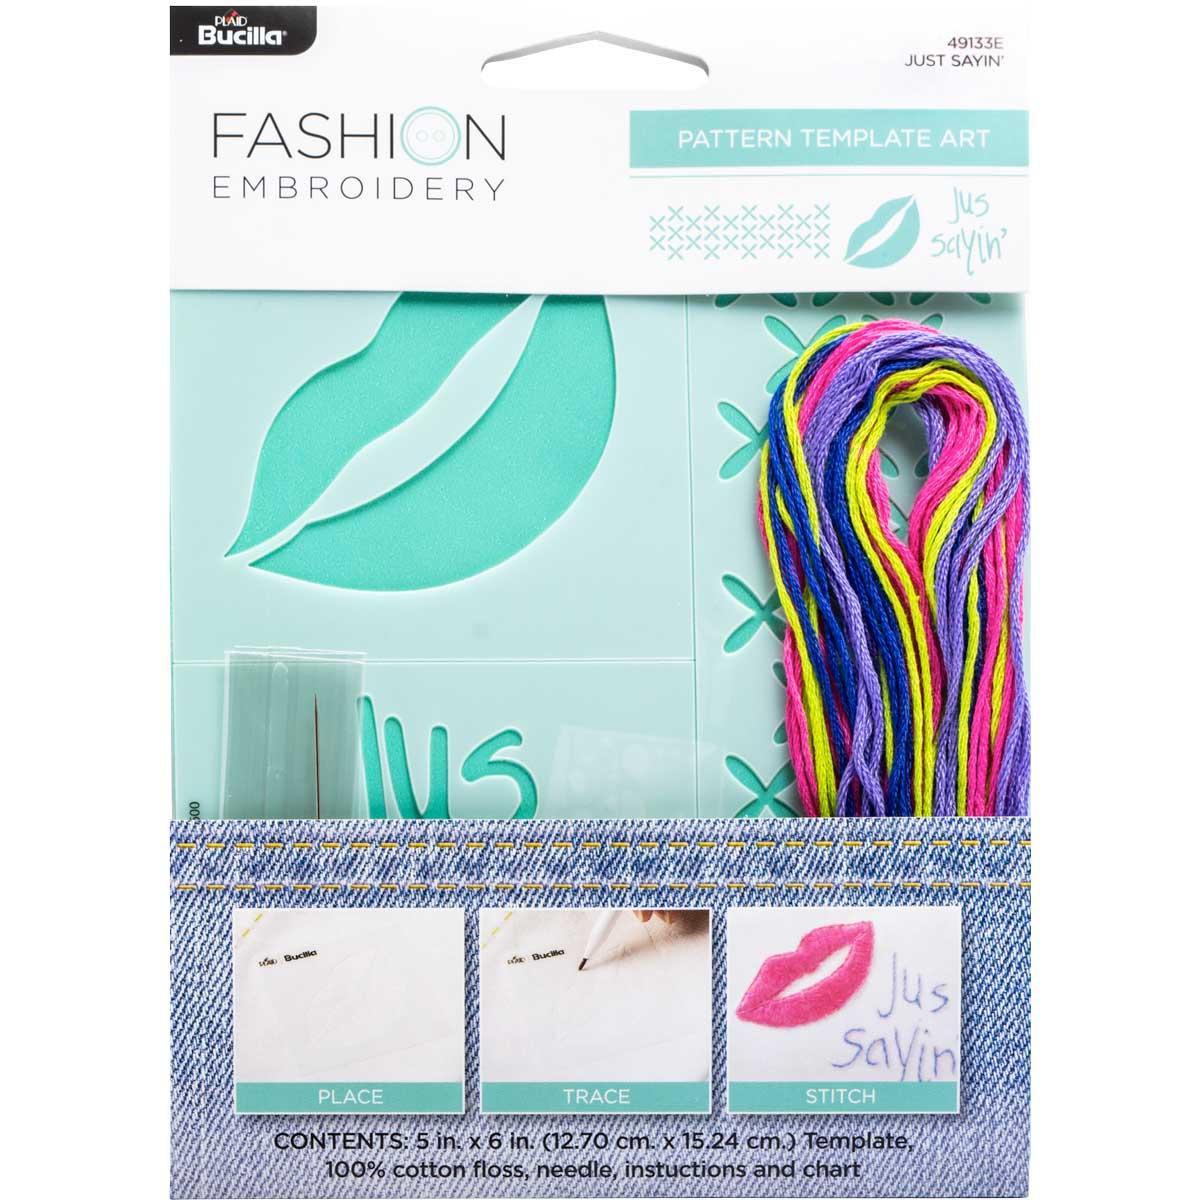 Bucilla ® Fashion Embroidery Kit - Just Sayin'